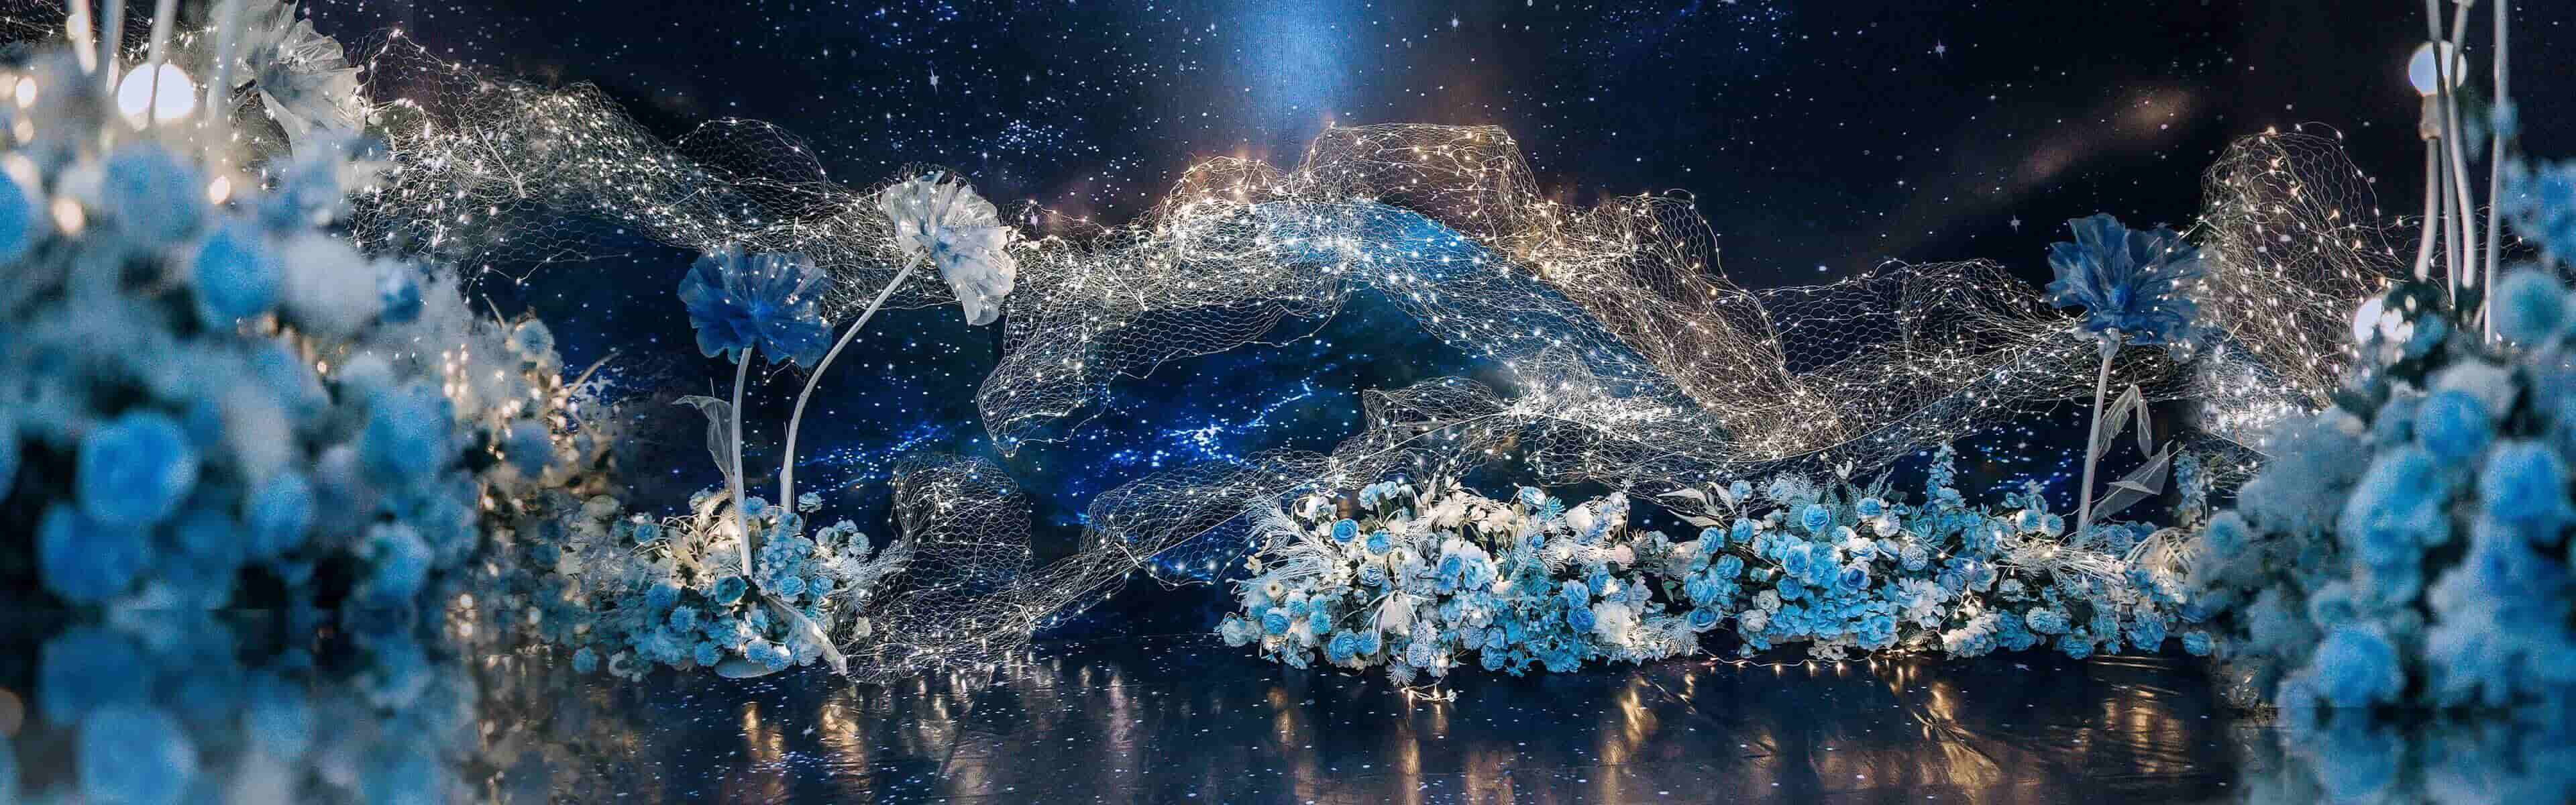 固始县婚庆策划案例:星辰 | 浙江 衢州